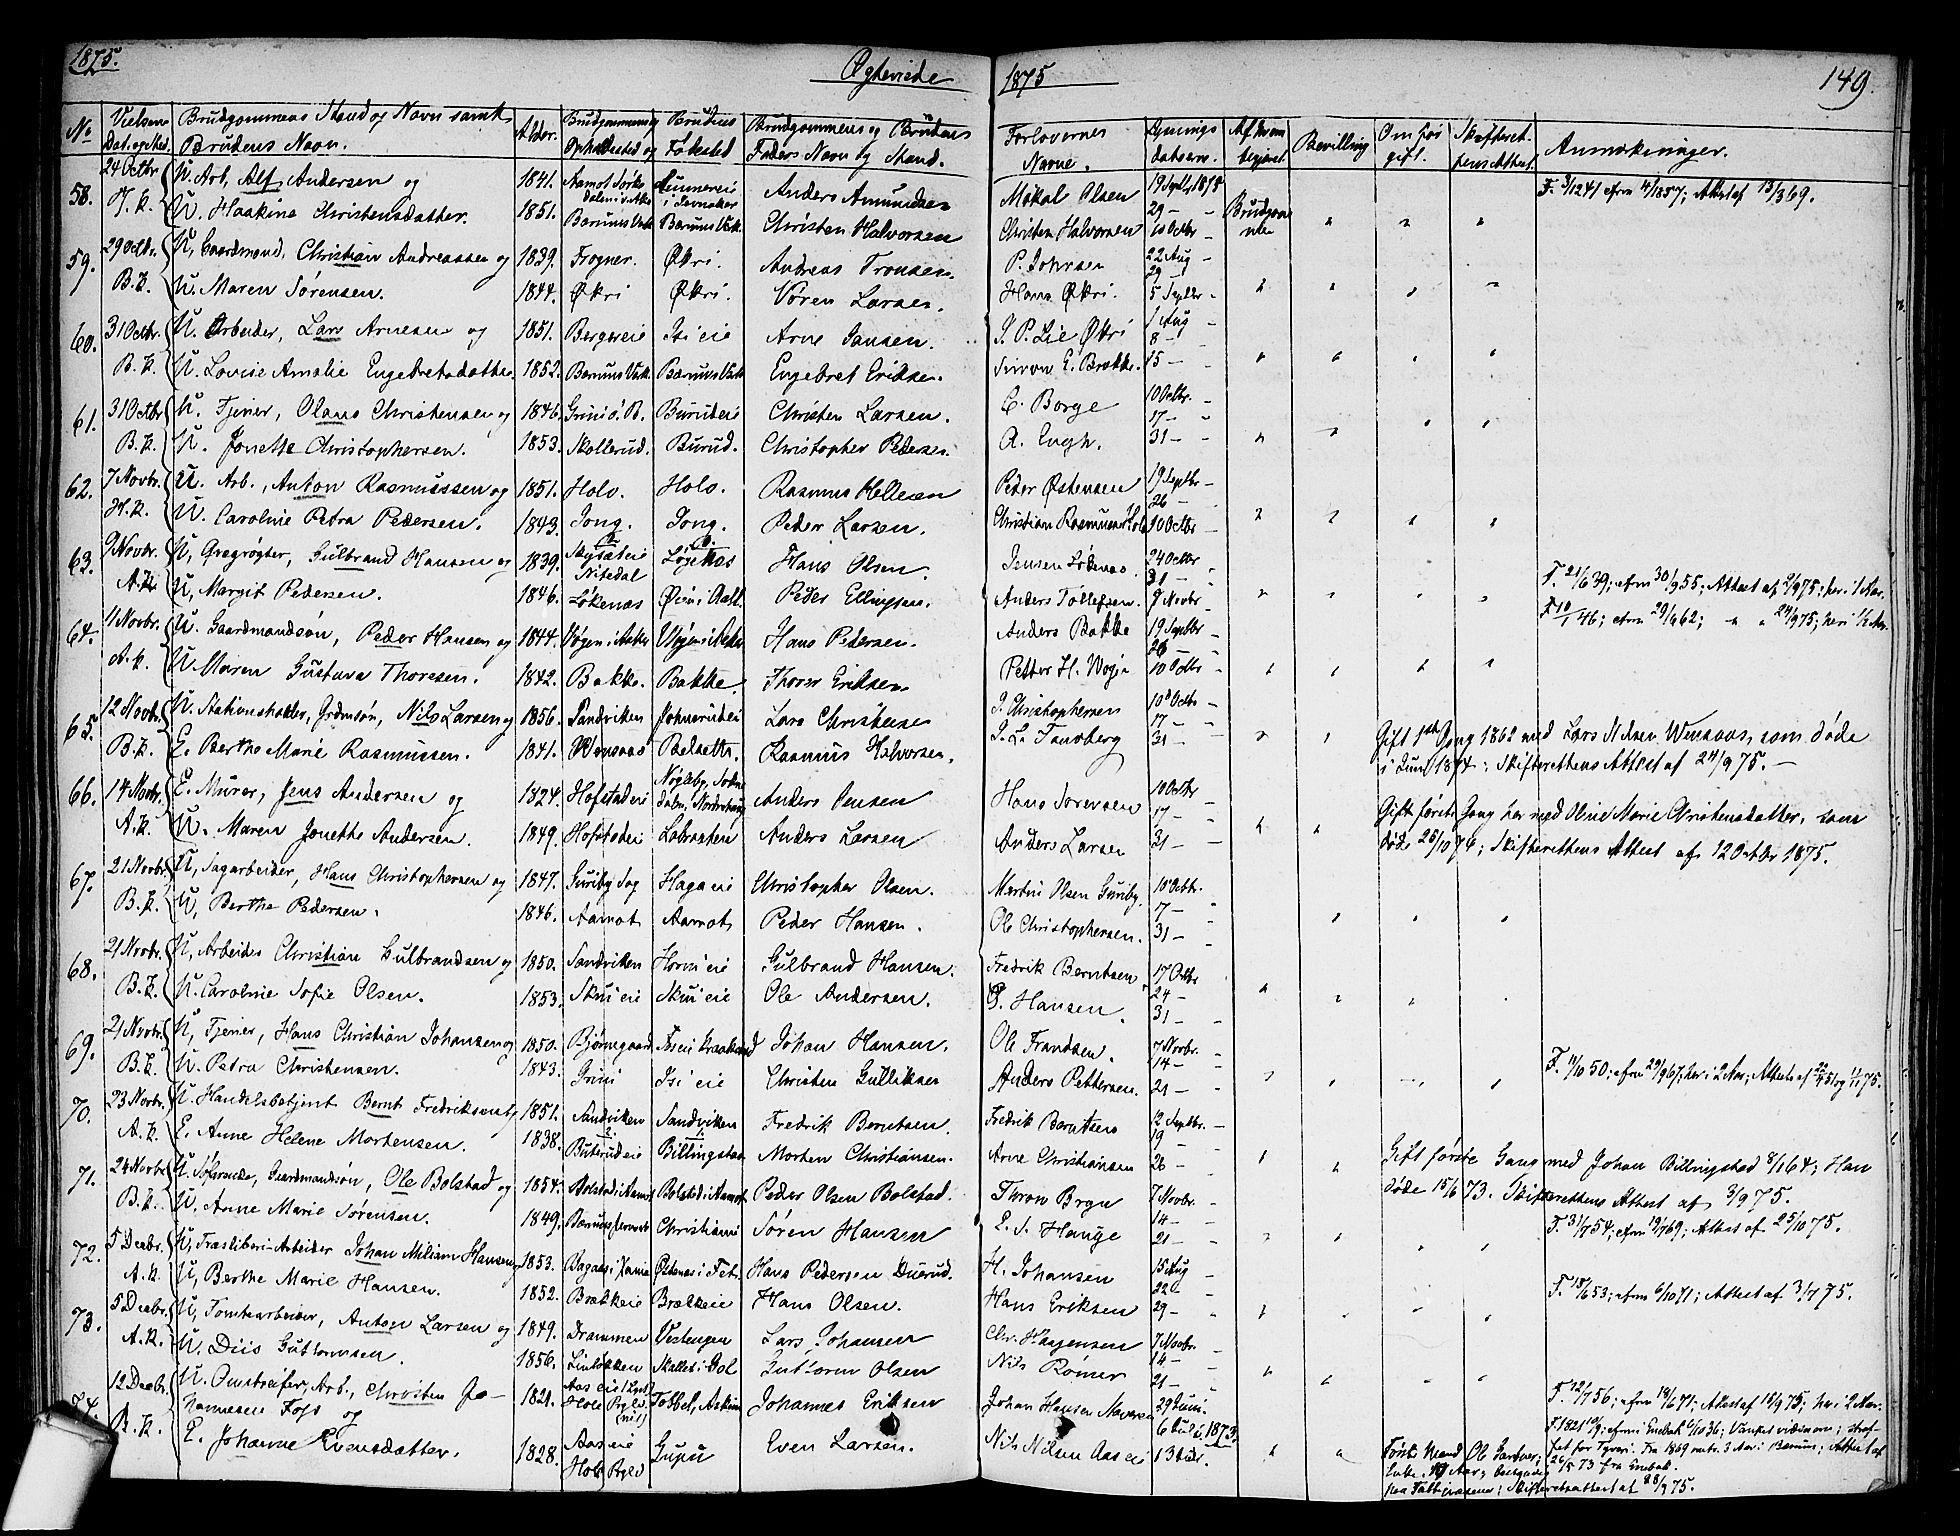 SAO, Asker prestekontor Kirkebøker, F/Fa/L0010: Ministerialbok nr. I 10, 1825-1878, s. 149